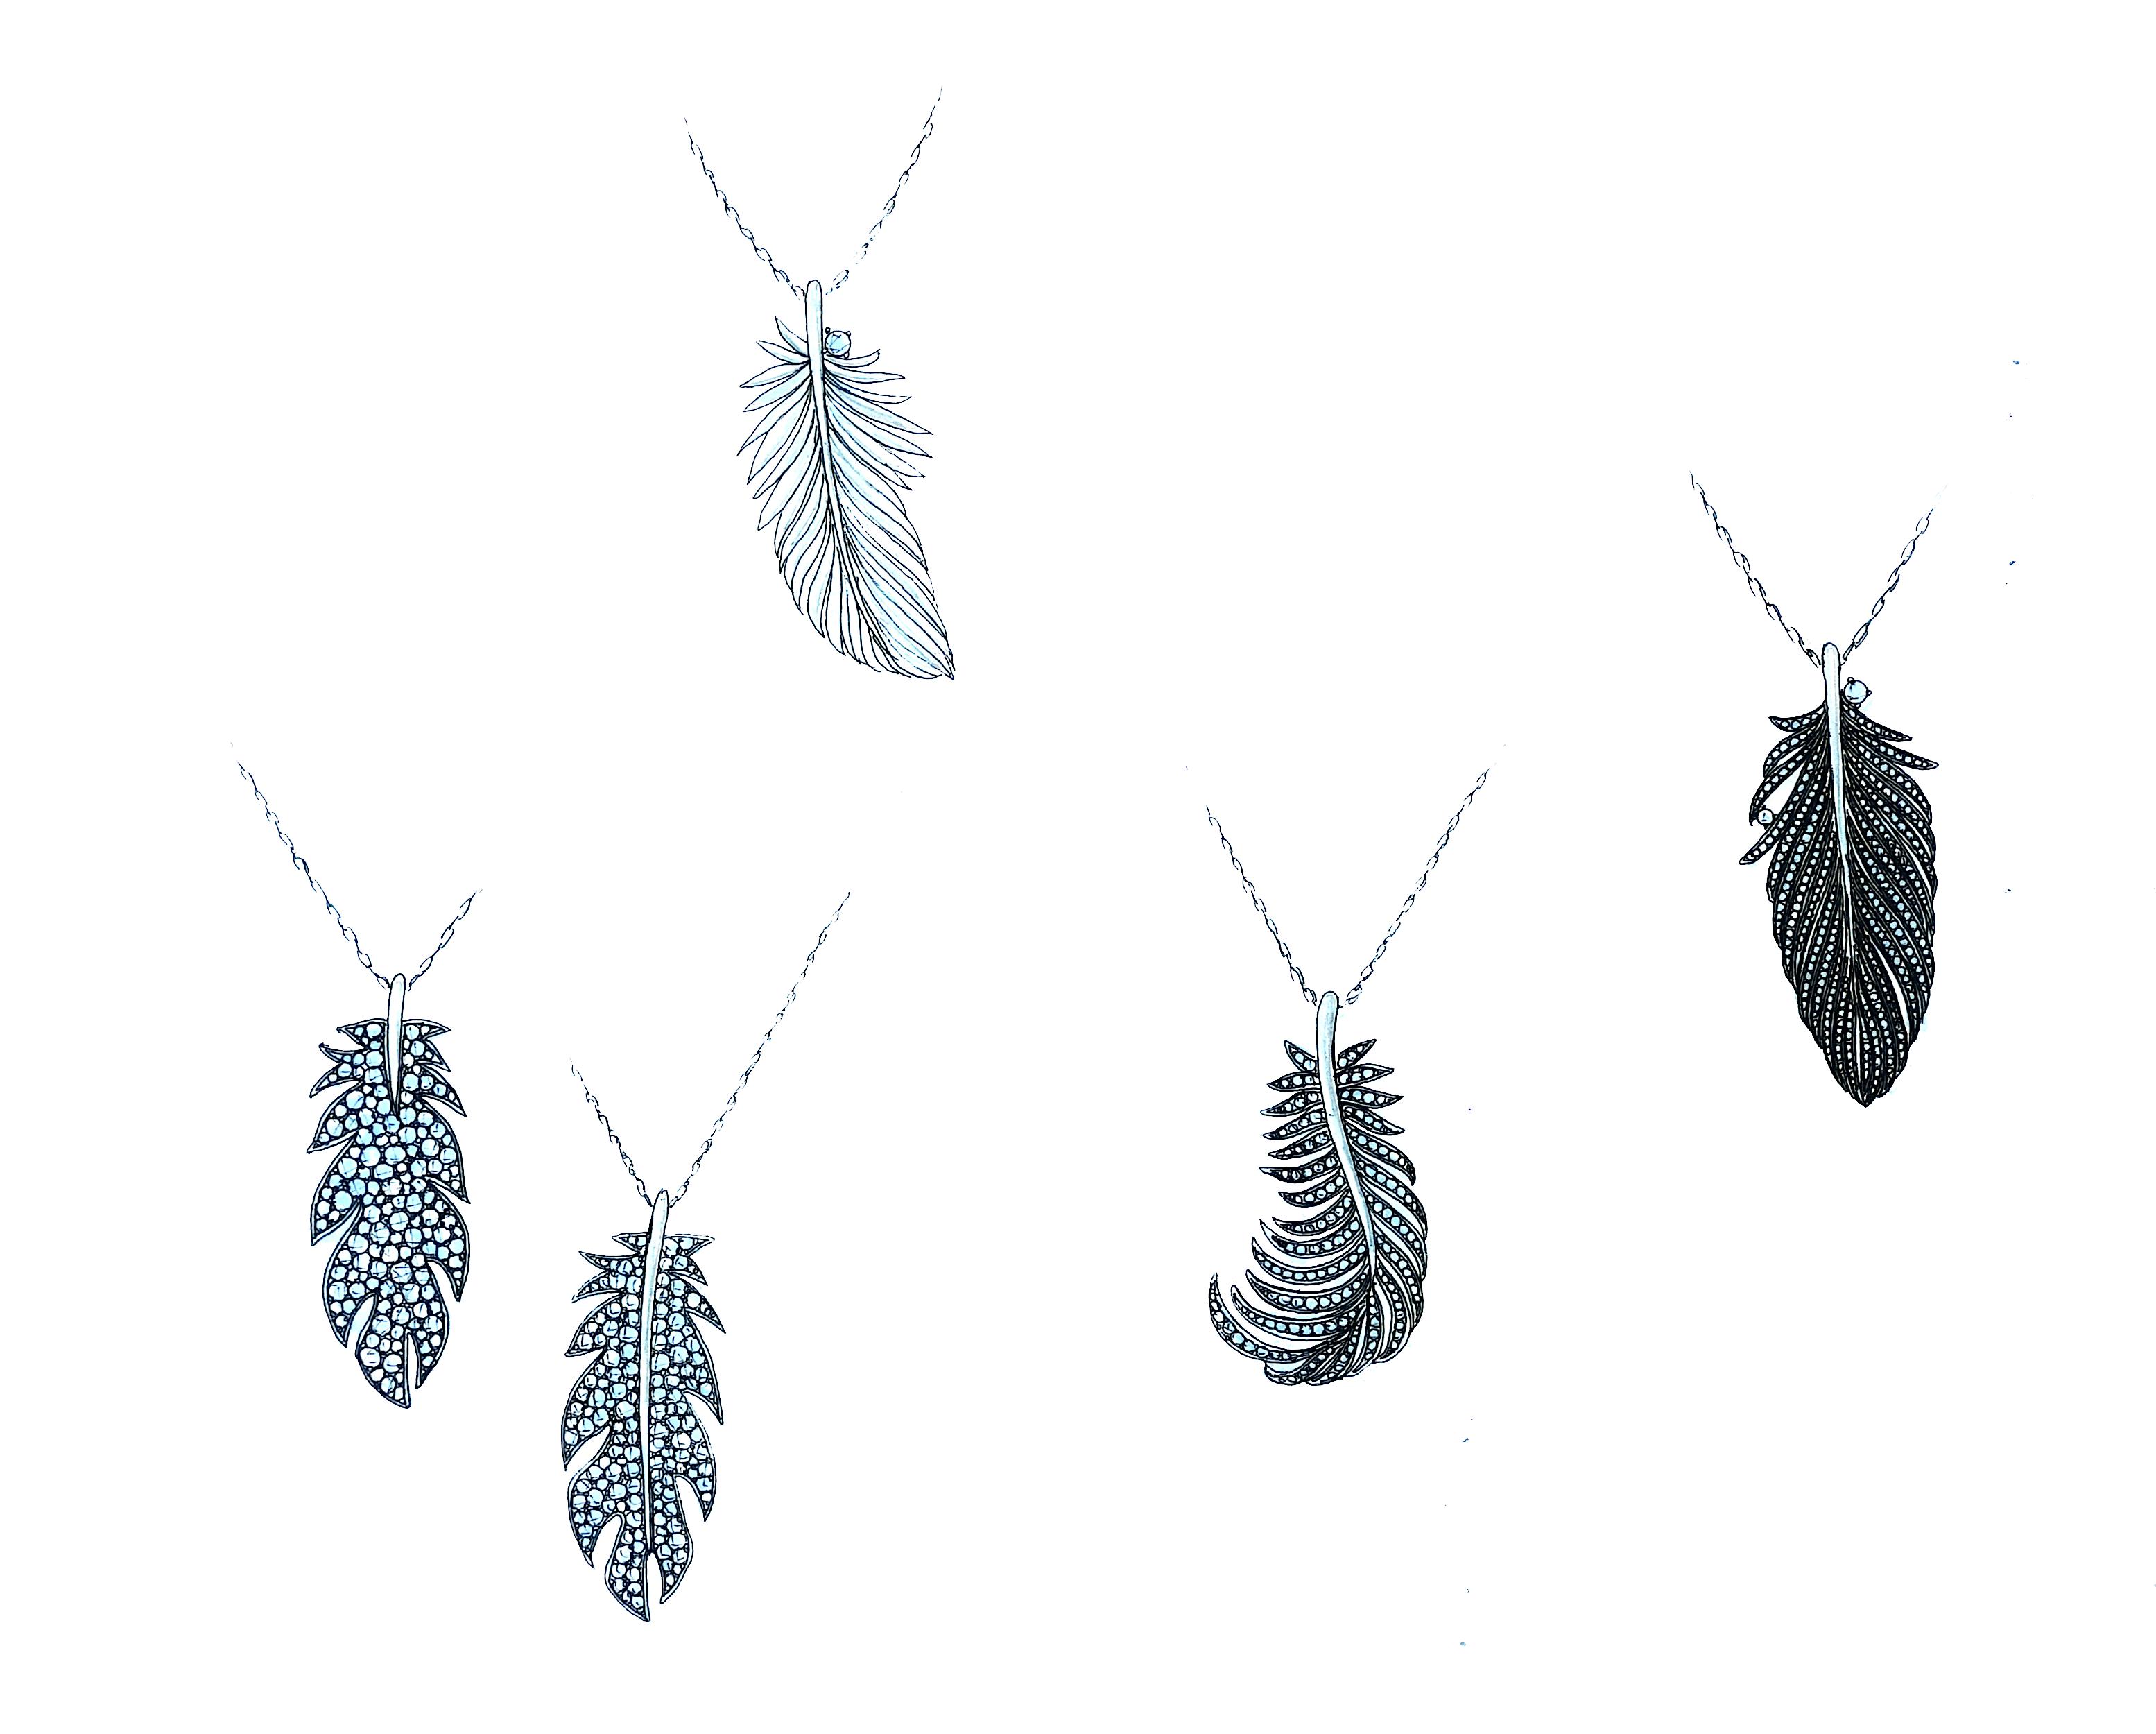 銀座オーダージュエリーサロンでデザイナーから様々な羽根の提案をされた。